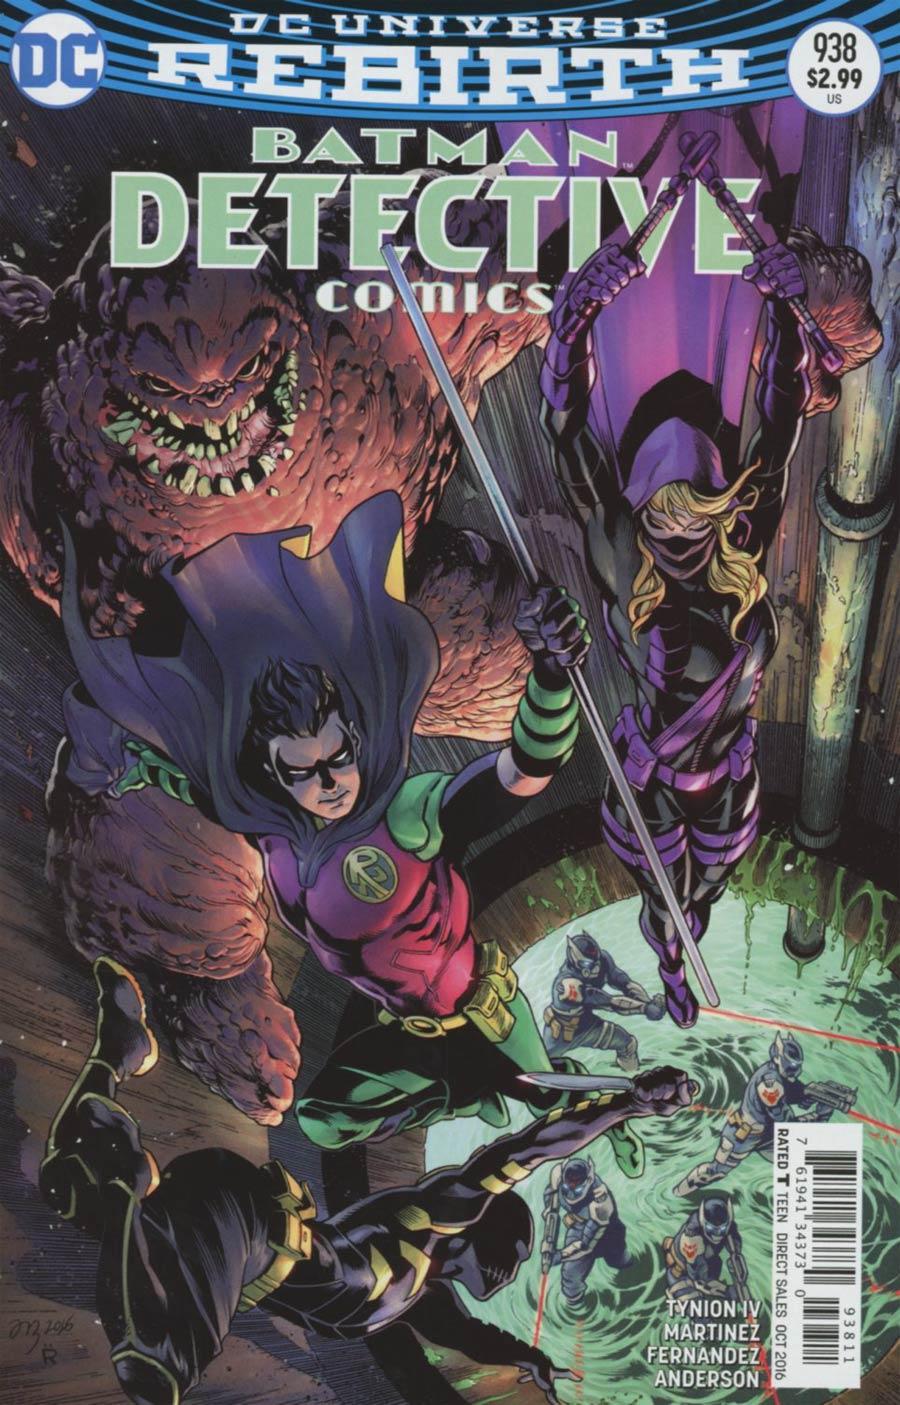 Batman - Detective Comics 938 - Rise of the Batmen Part Five: Enemy at the Gates